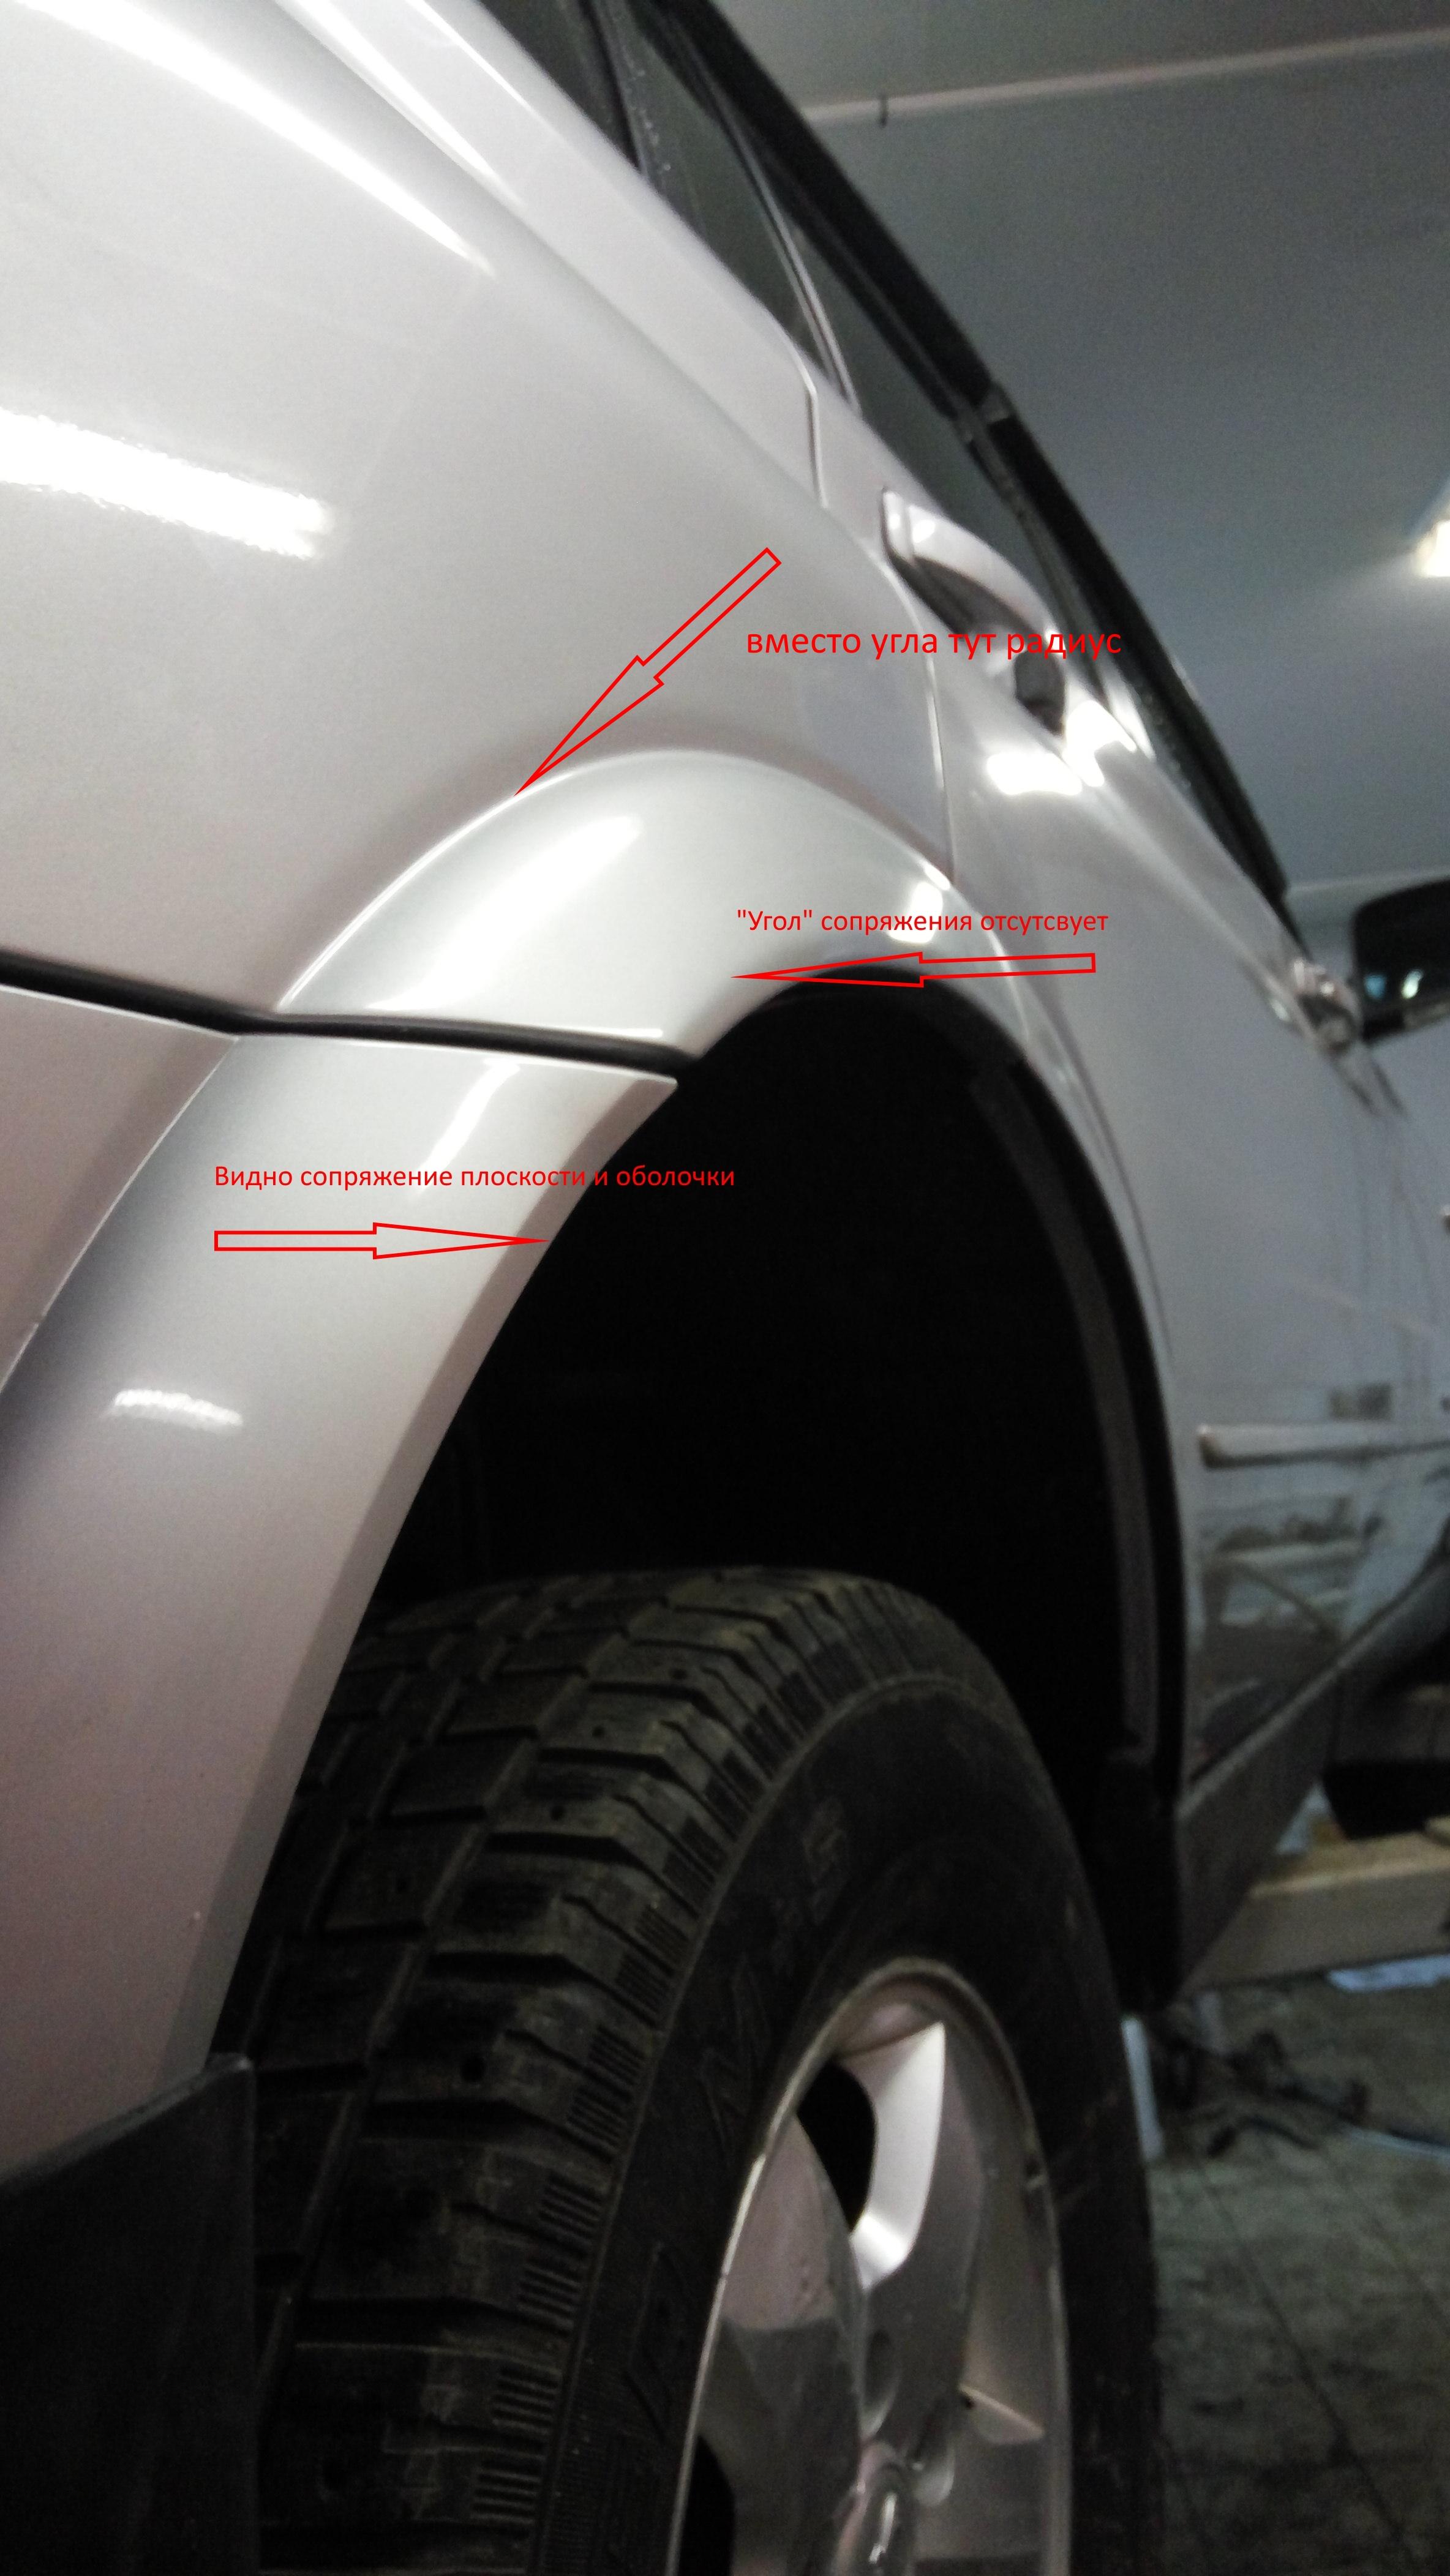 какой бланк выдается авто сервисом после ремонта